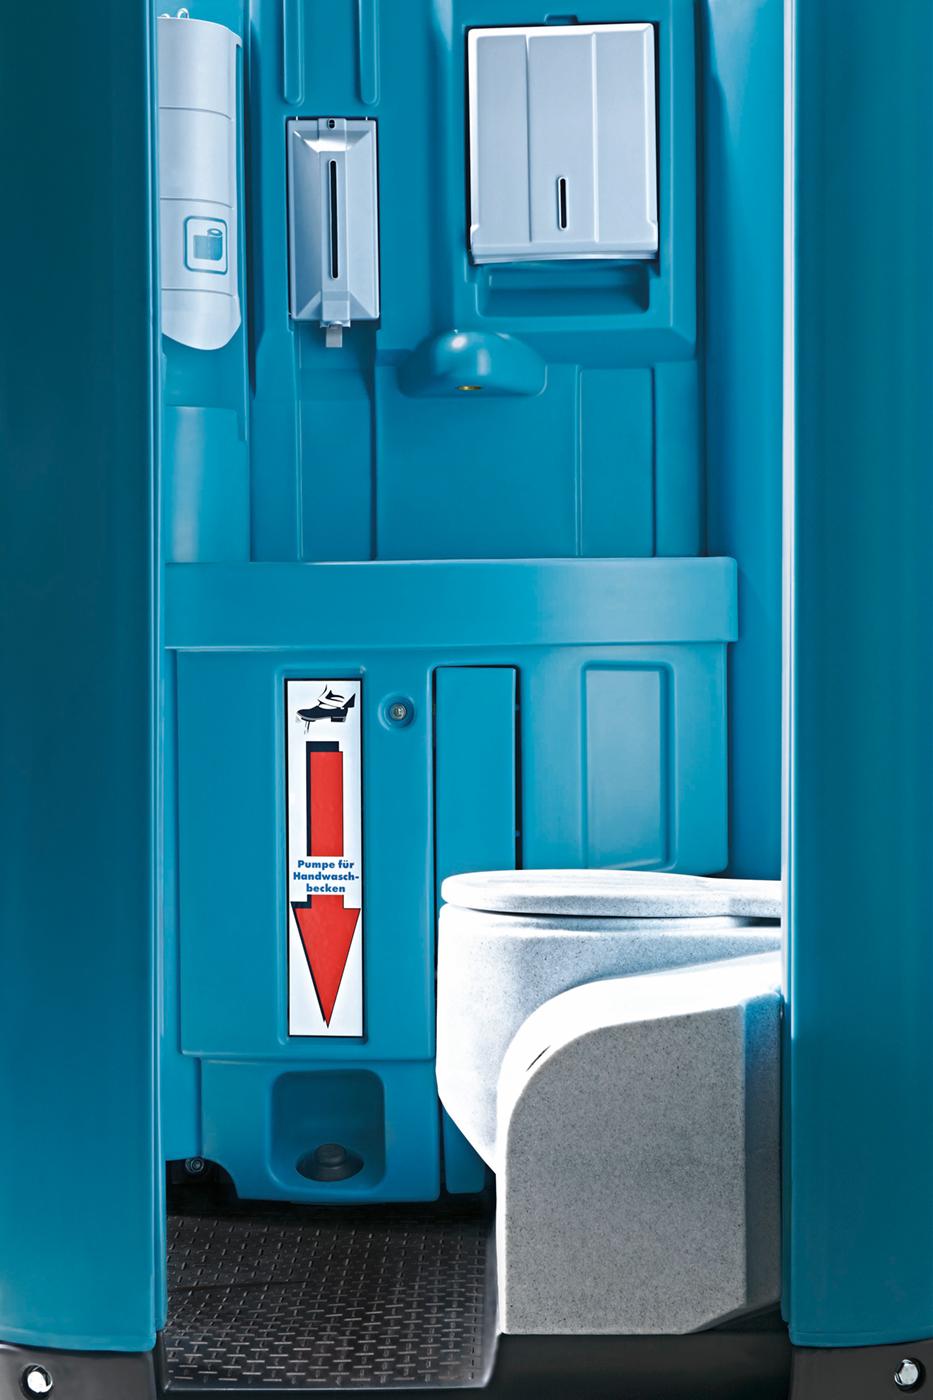 Waschbecken Und Wc : toi water das mobil wc mit waschkomfort toi toi dixi ~ Yuntae.com Dekorationen Ideen